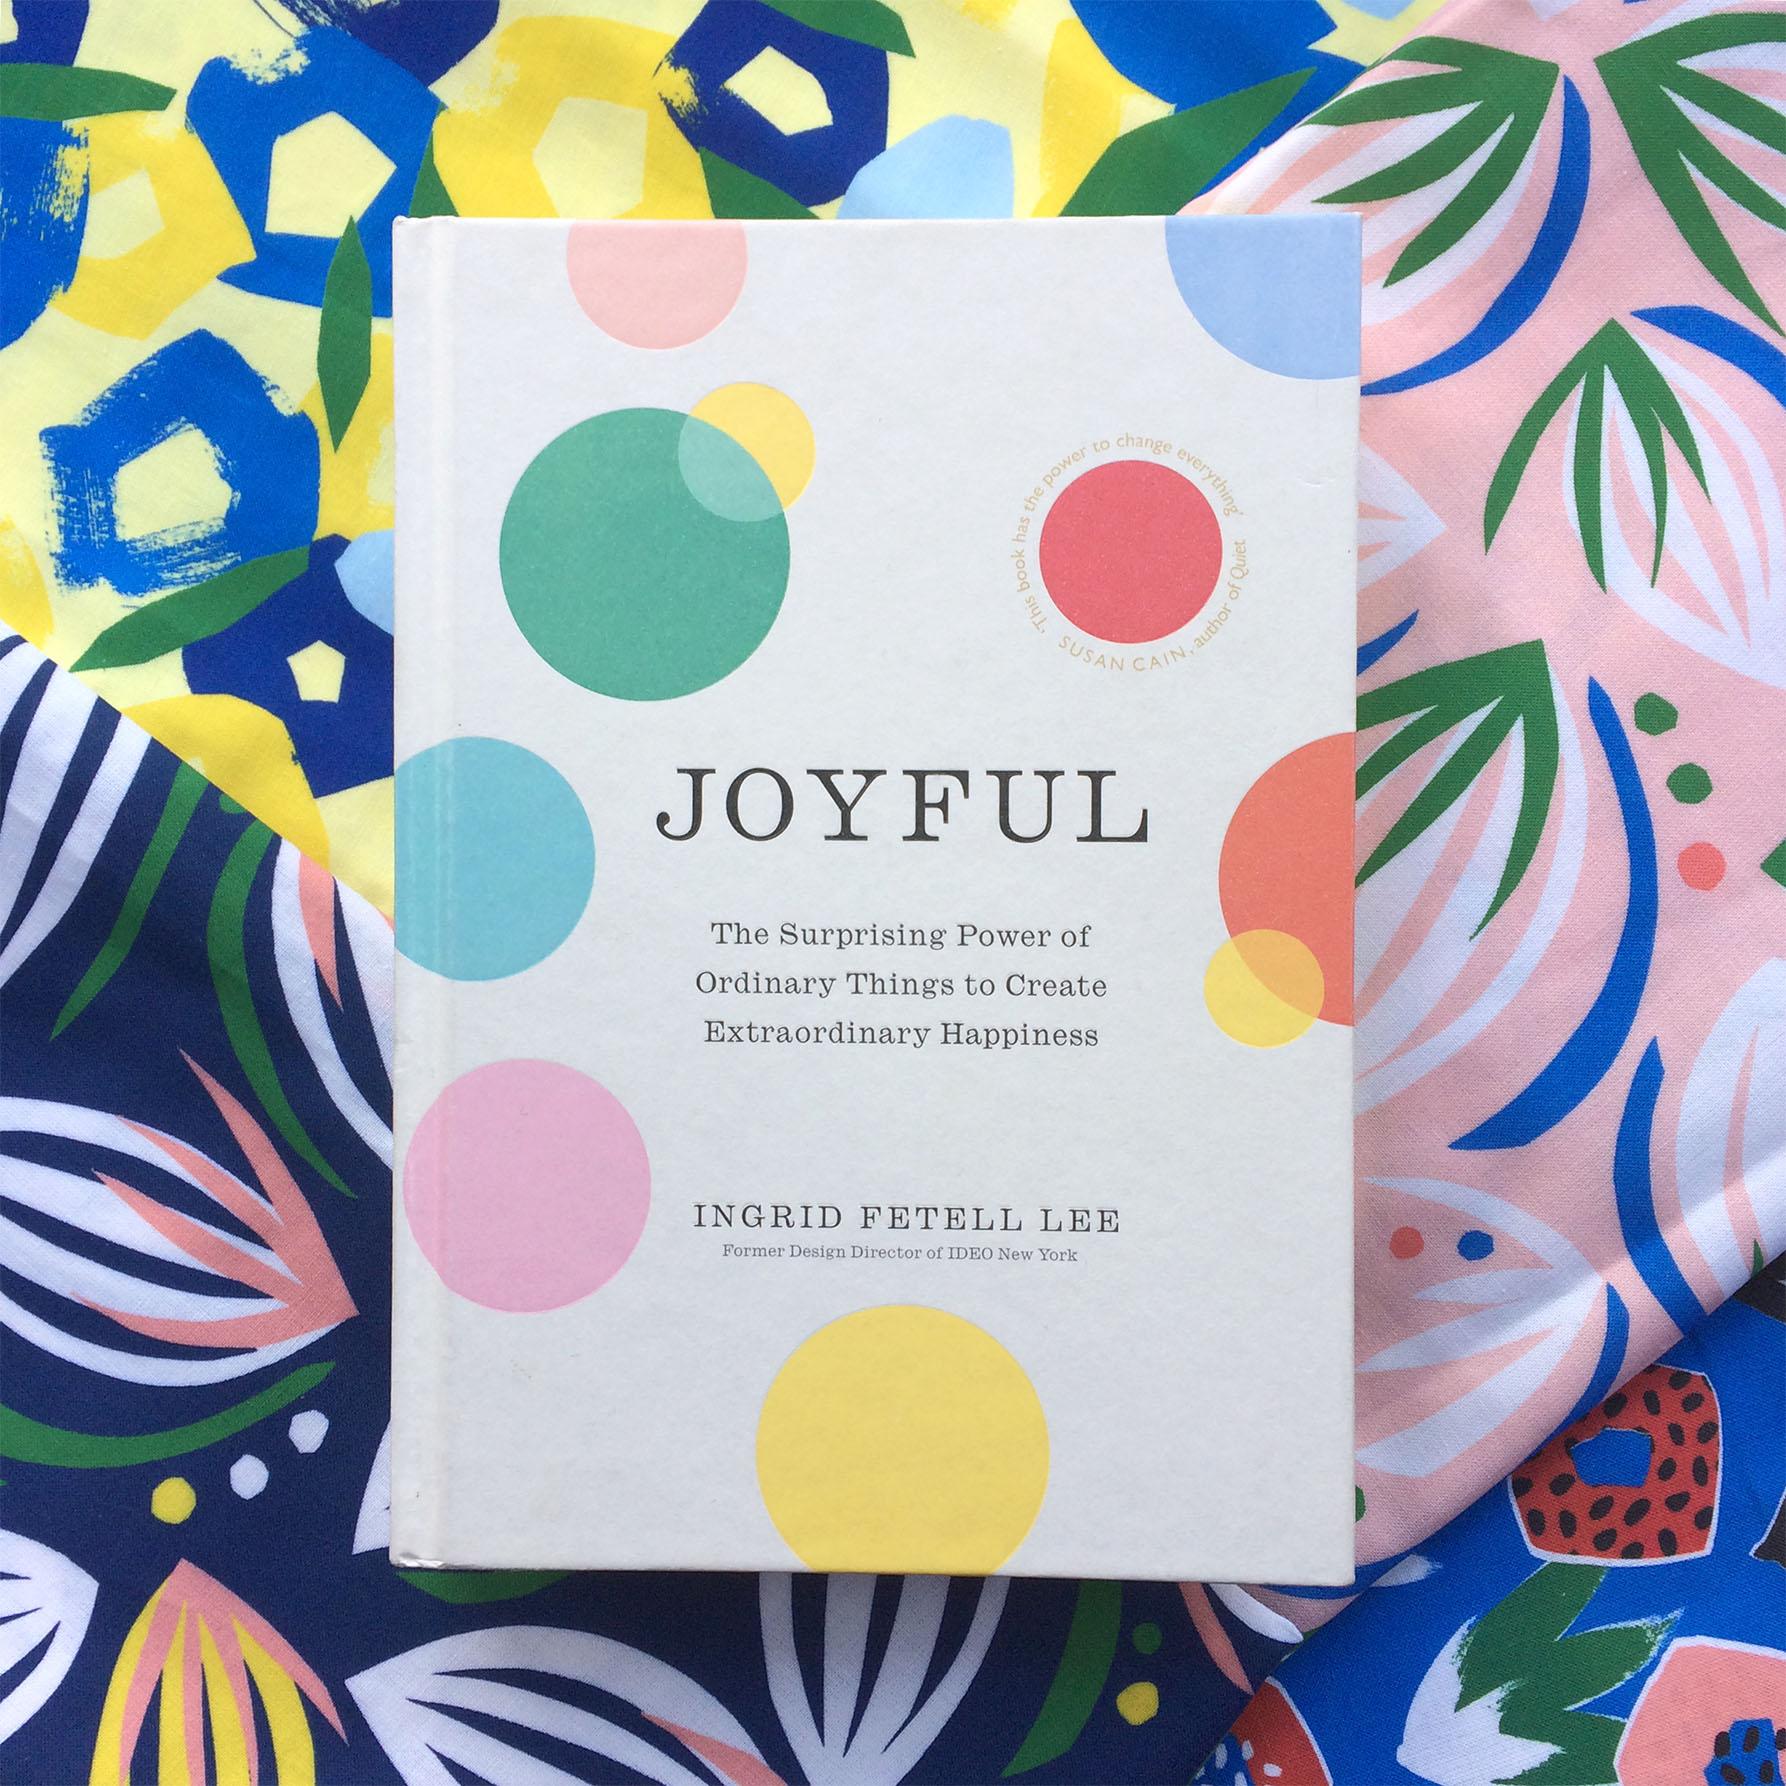 Joyful scaled for web.jpg